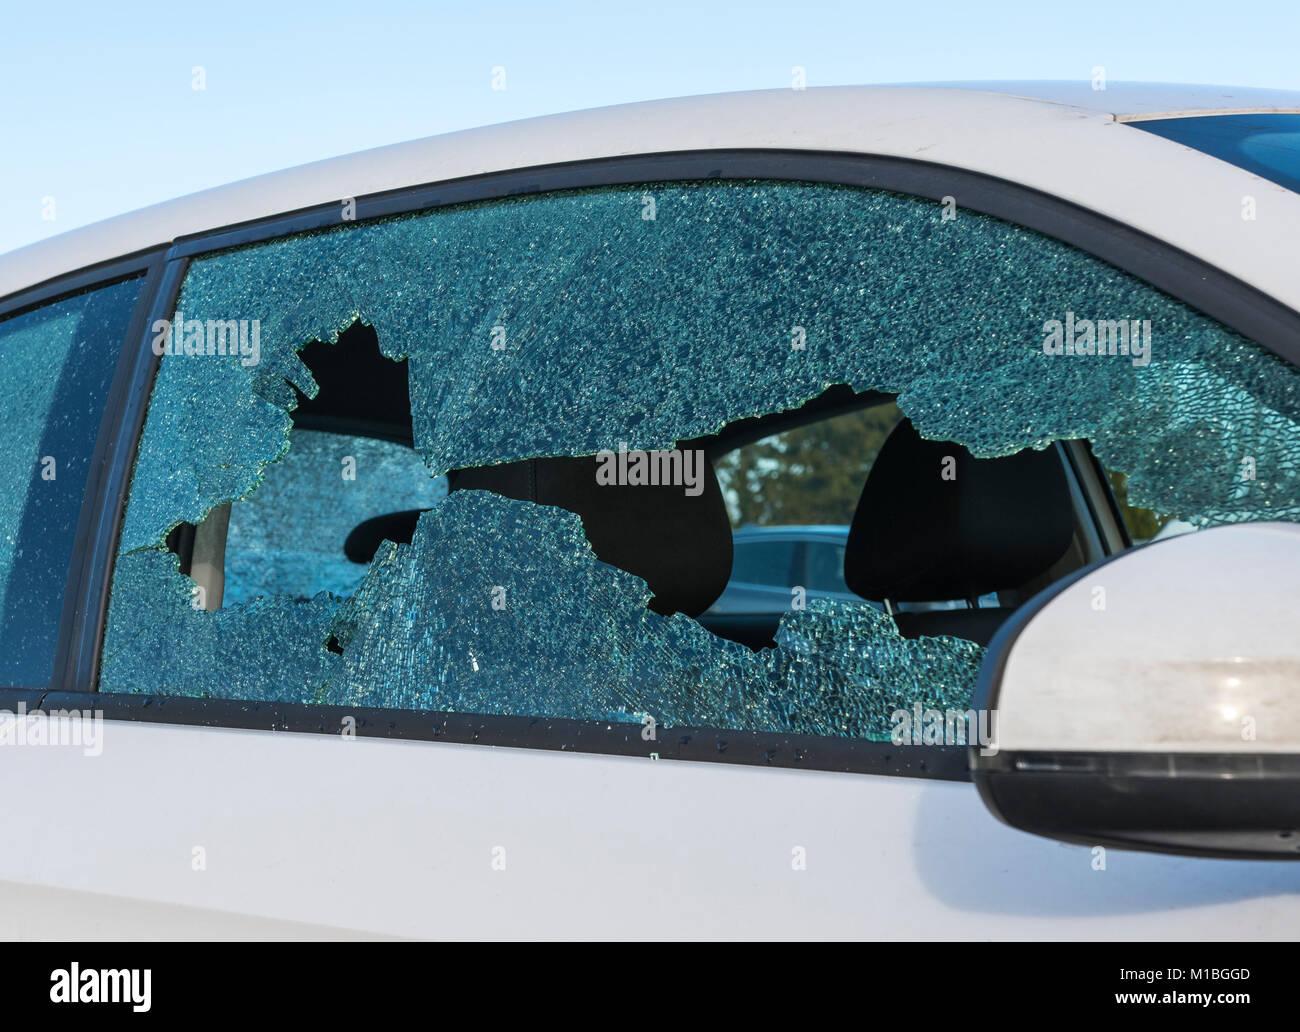 Arrasado con un coche rompieron una ventana rota. Imagen De Stock